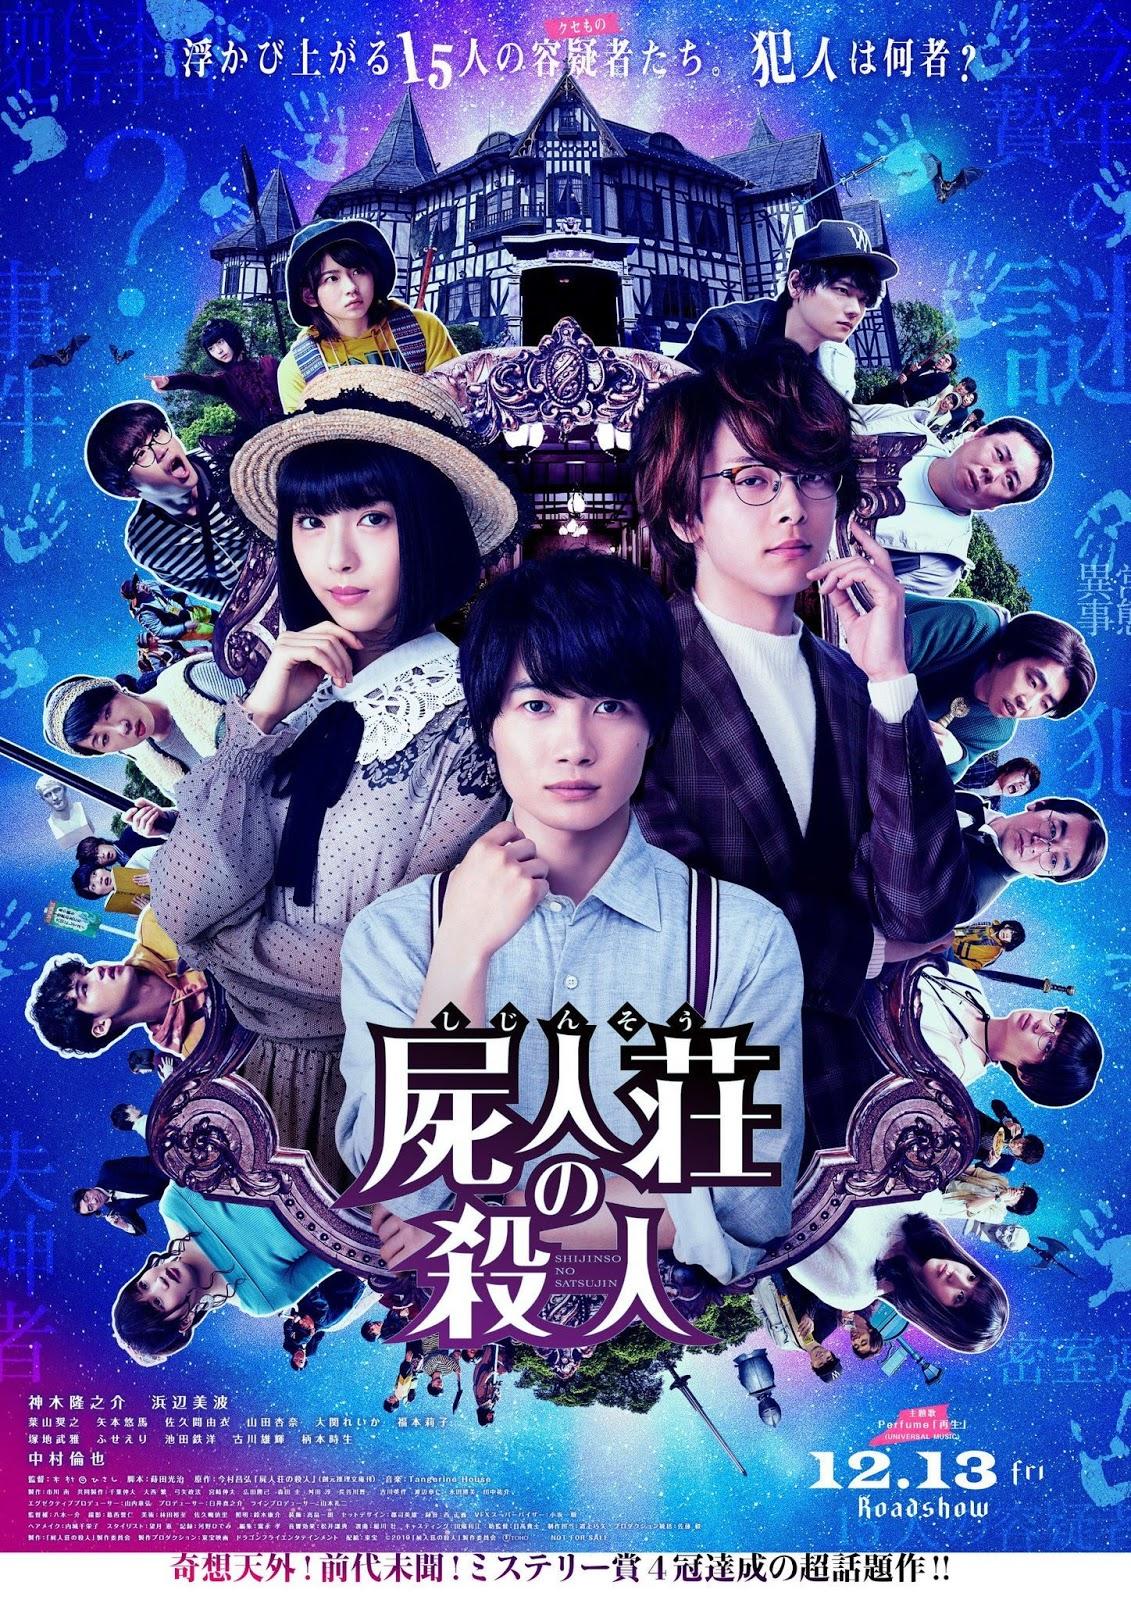 Sinopsis Film Jepang: Murder at Shijinso (2019)